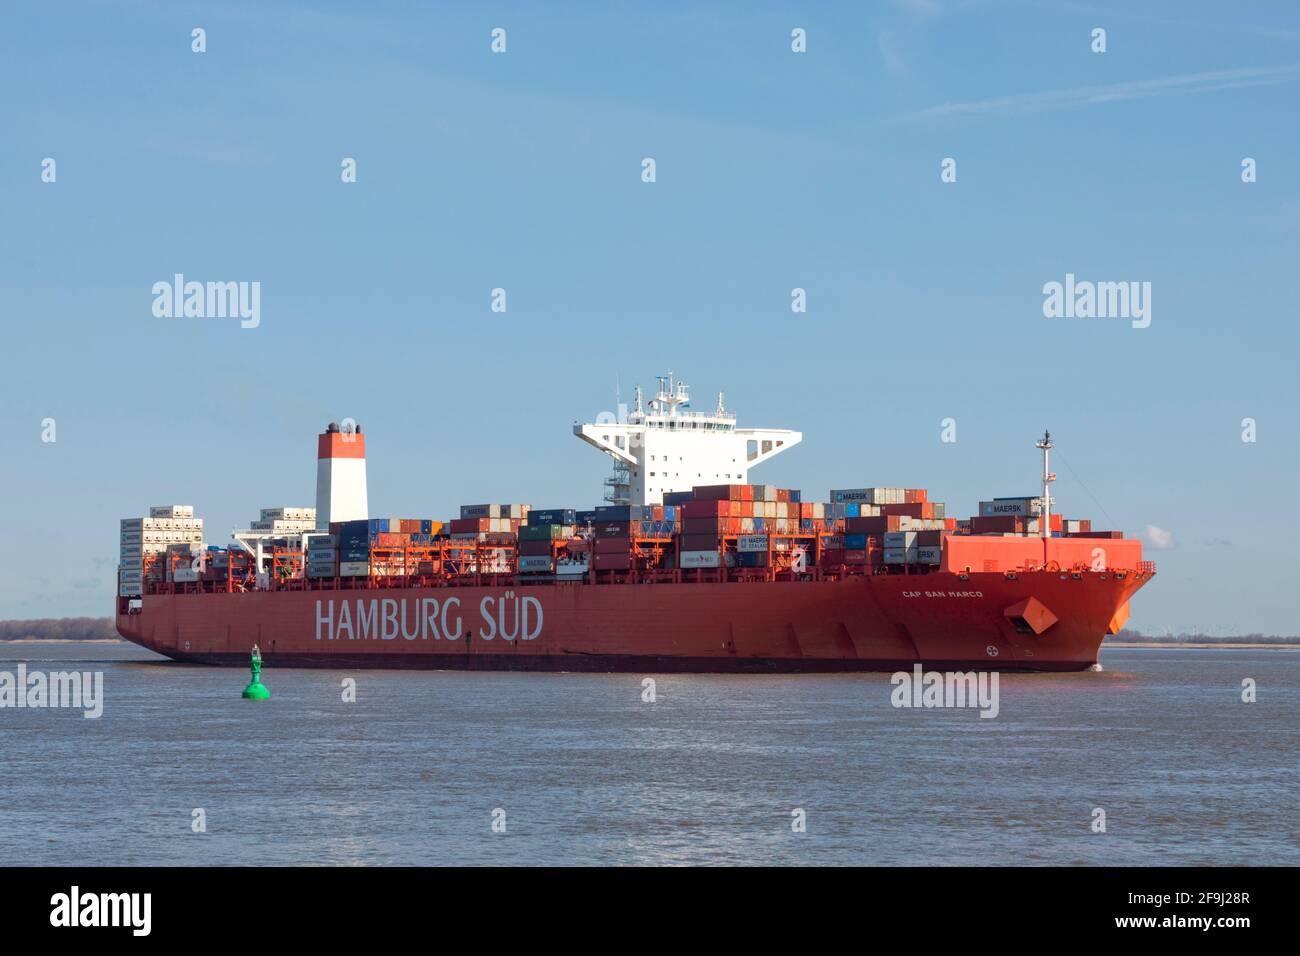 REEFER container CAP SAN MARCO, gestito dalla compagnia di navigazione HAMBURG Süd, passando dal porto di Stadersand sul fiume Elba in direzione di Amburgo Foto Stock